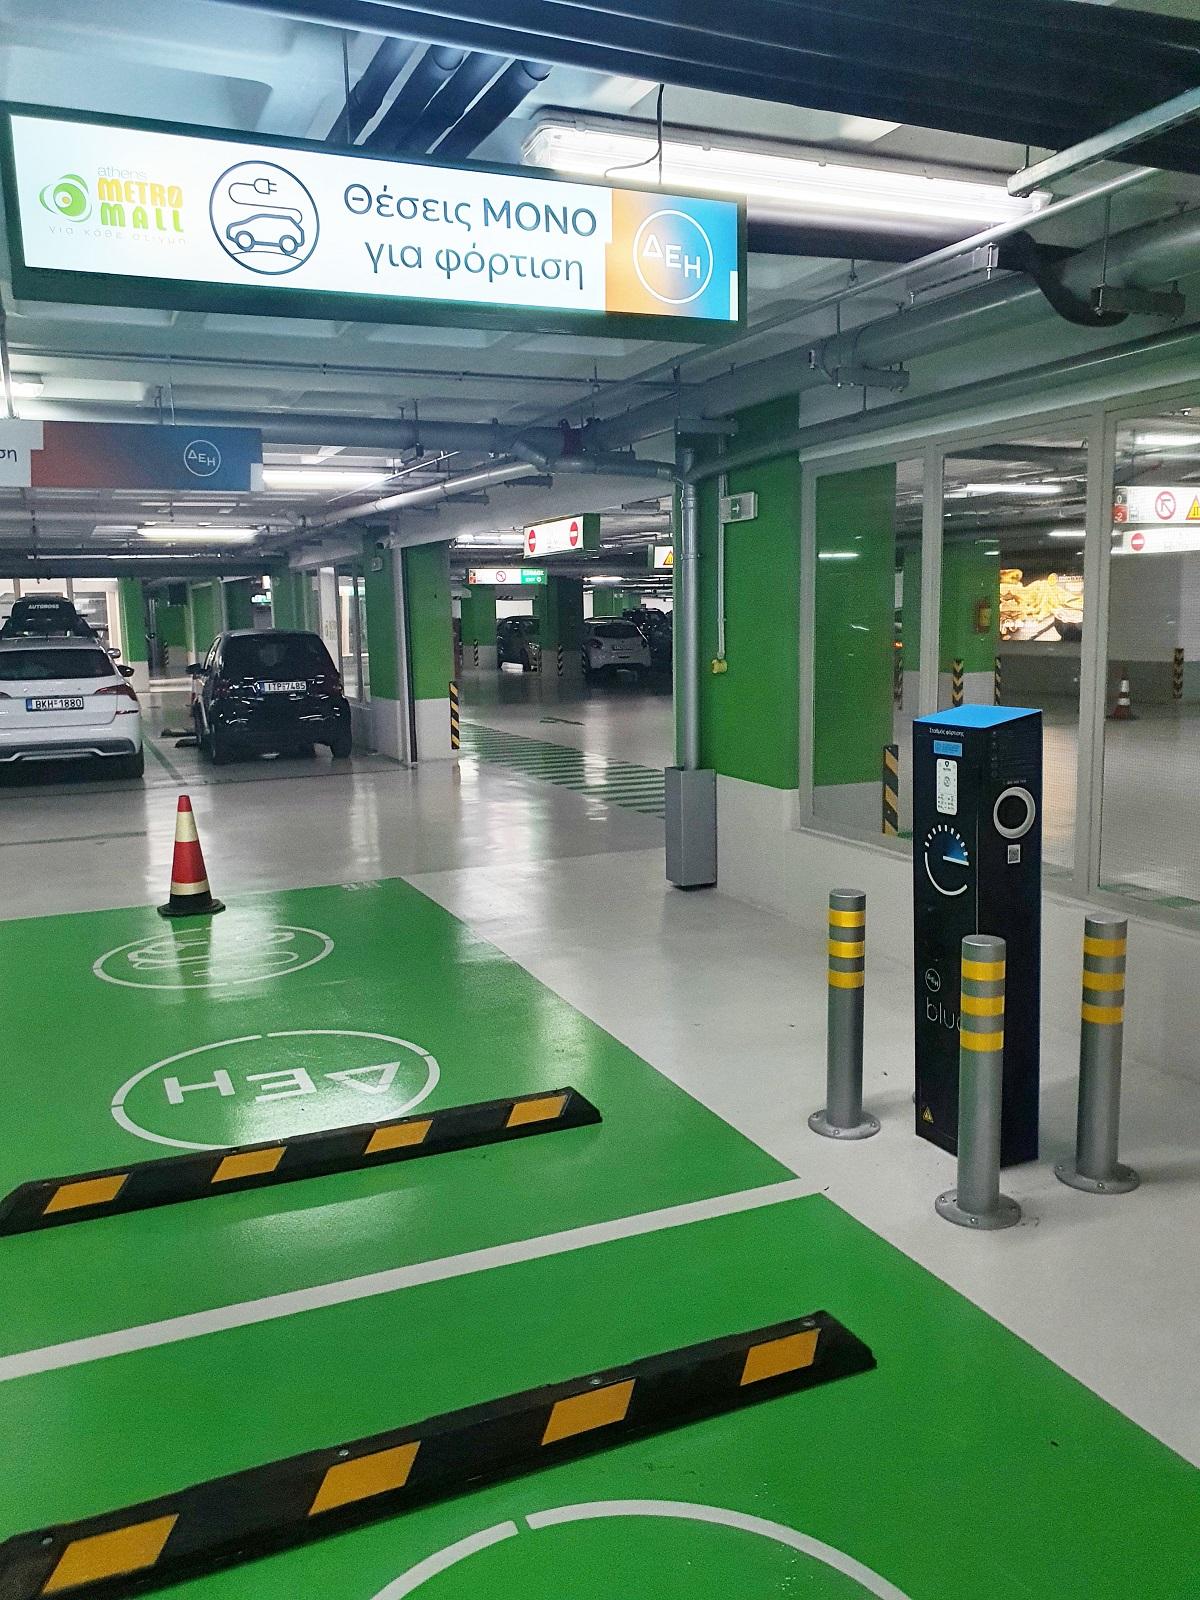 Σημείο φόρτισης ηλεκτρικών αυτοκινήτων ©Athens Metro Mall - ΔΕΗ